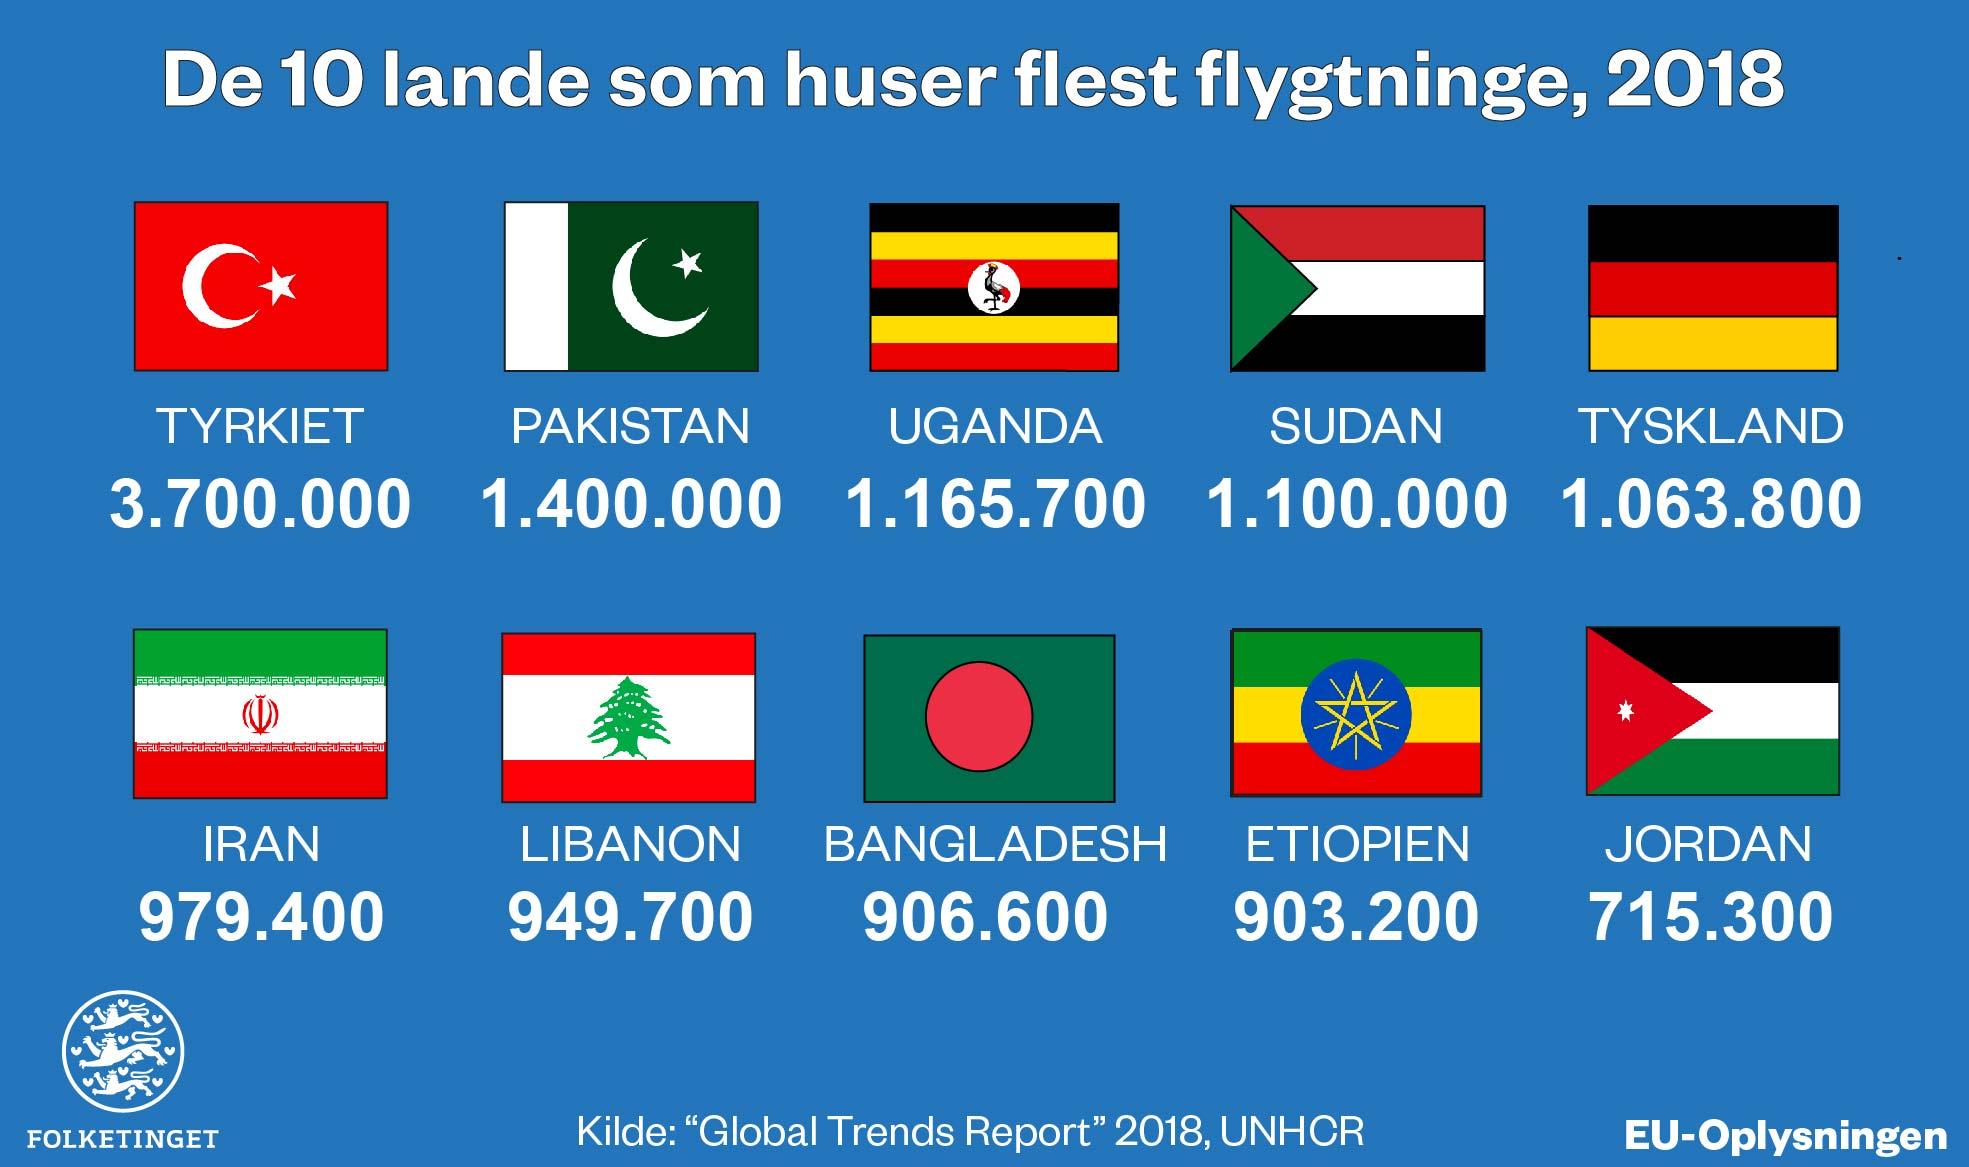 Lande flest flygtninge infografik